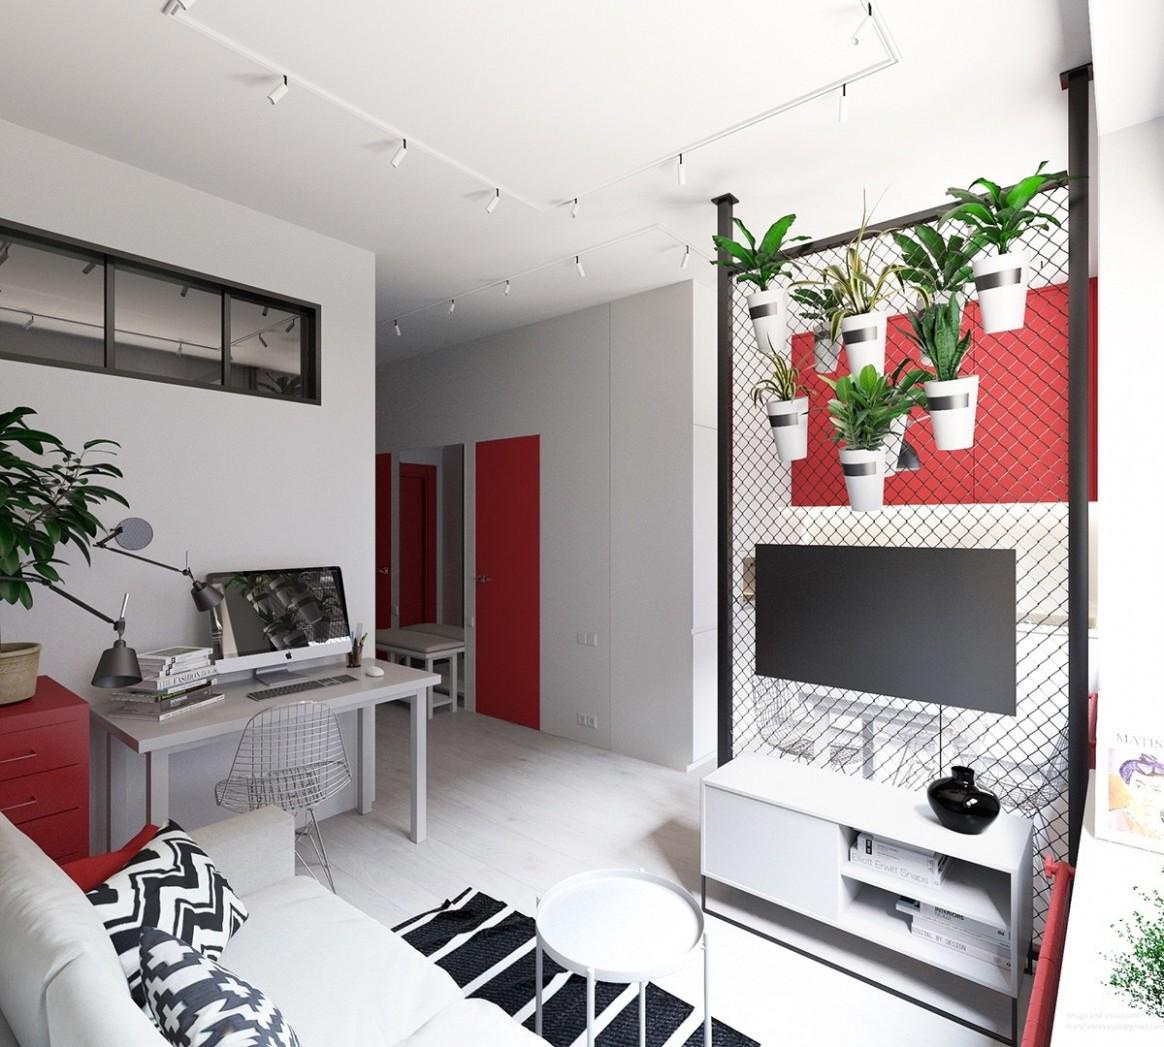 12 Small Apartments That Rock Uncommon Color Schemes [With Floor Plans] - Apartment Design Color Scheme